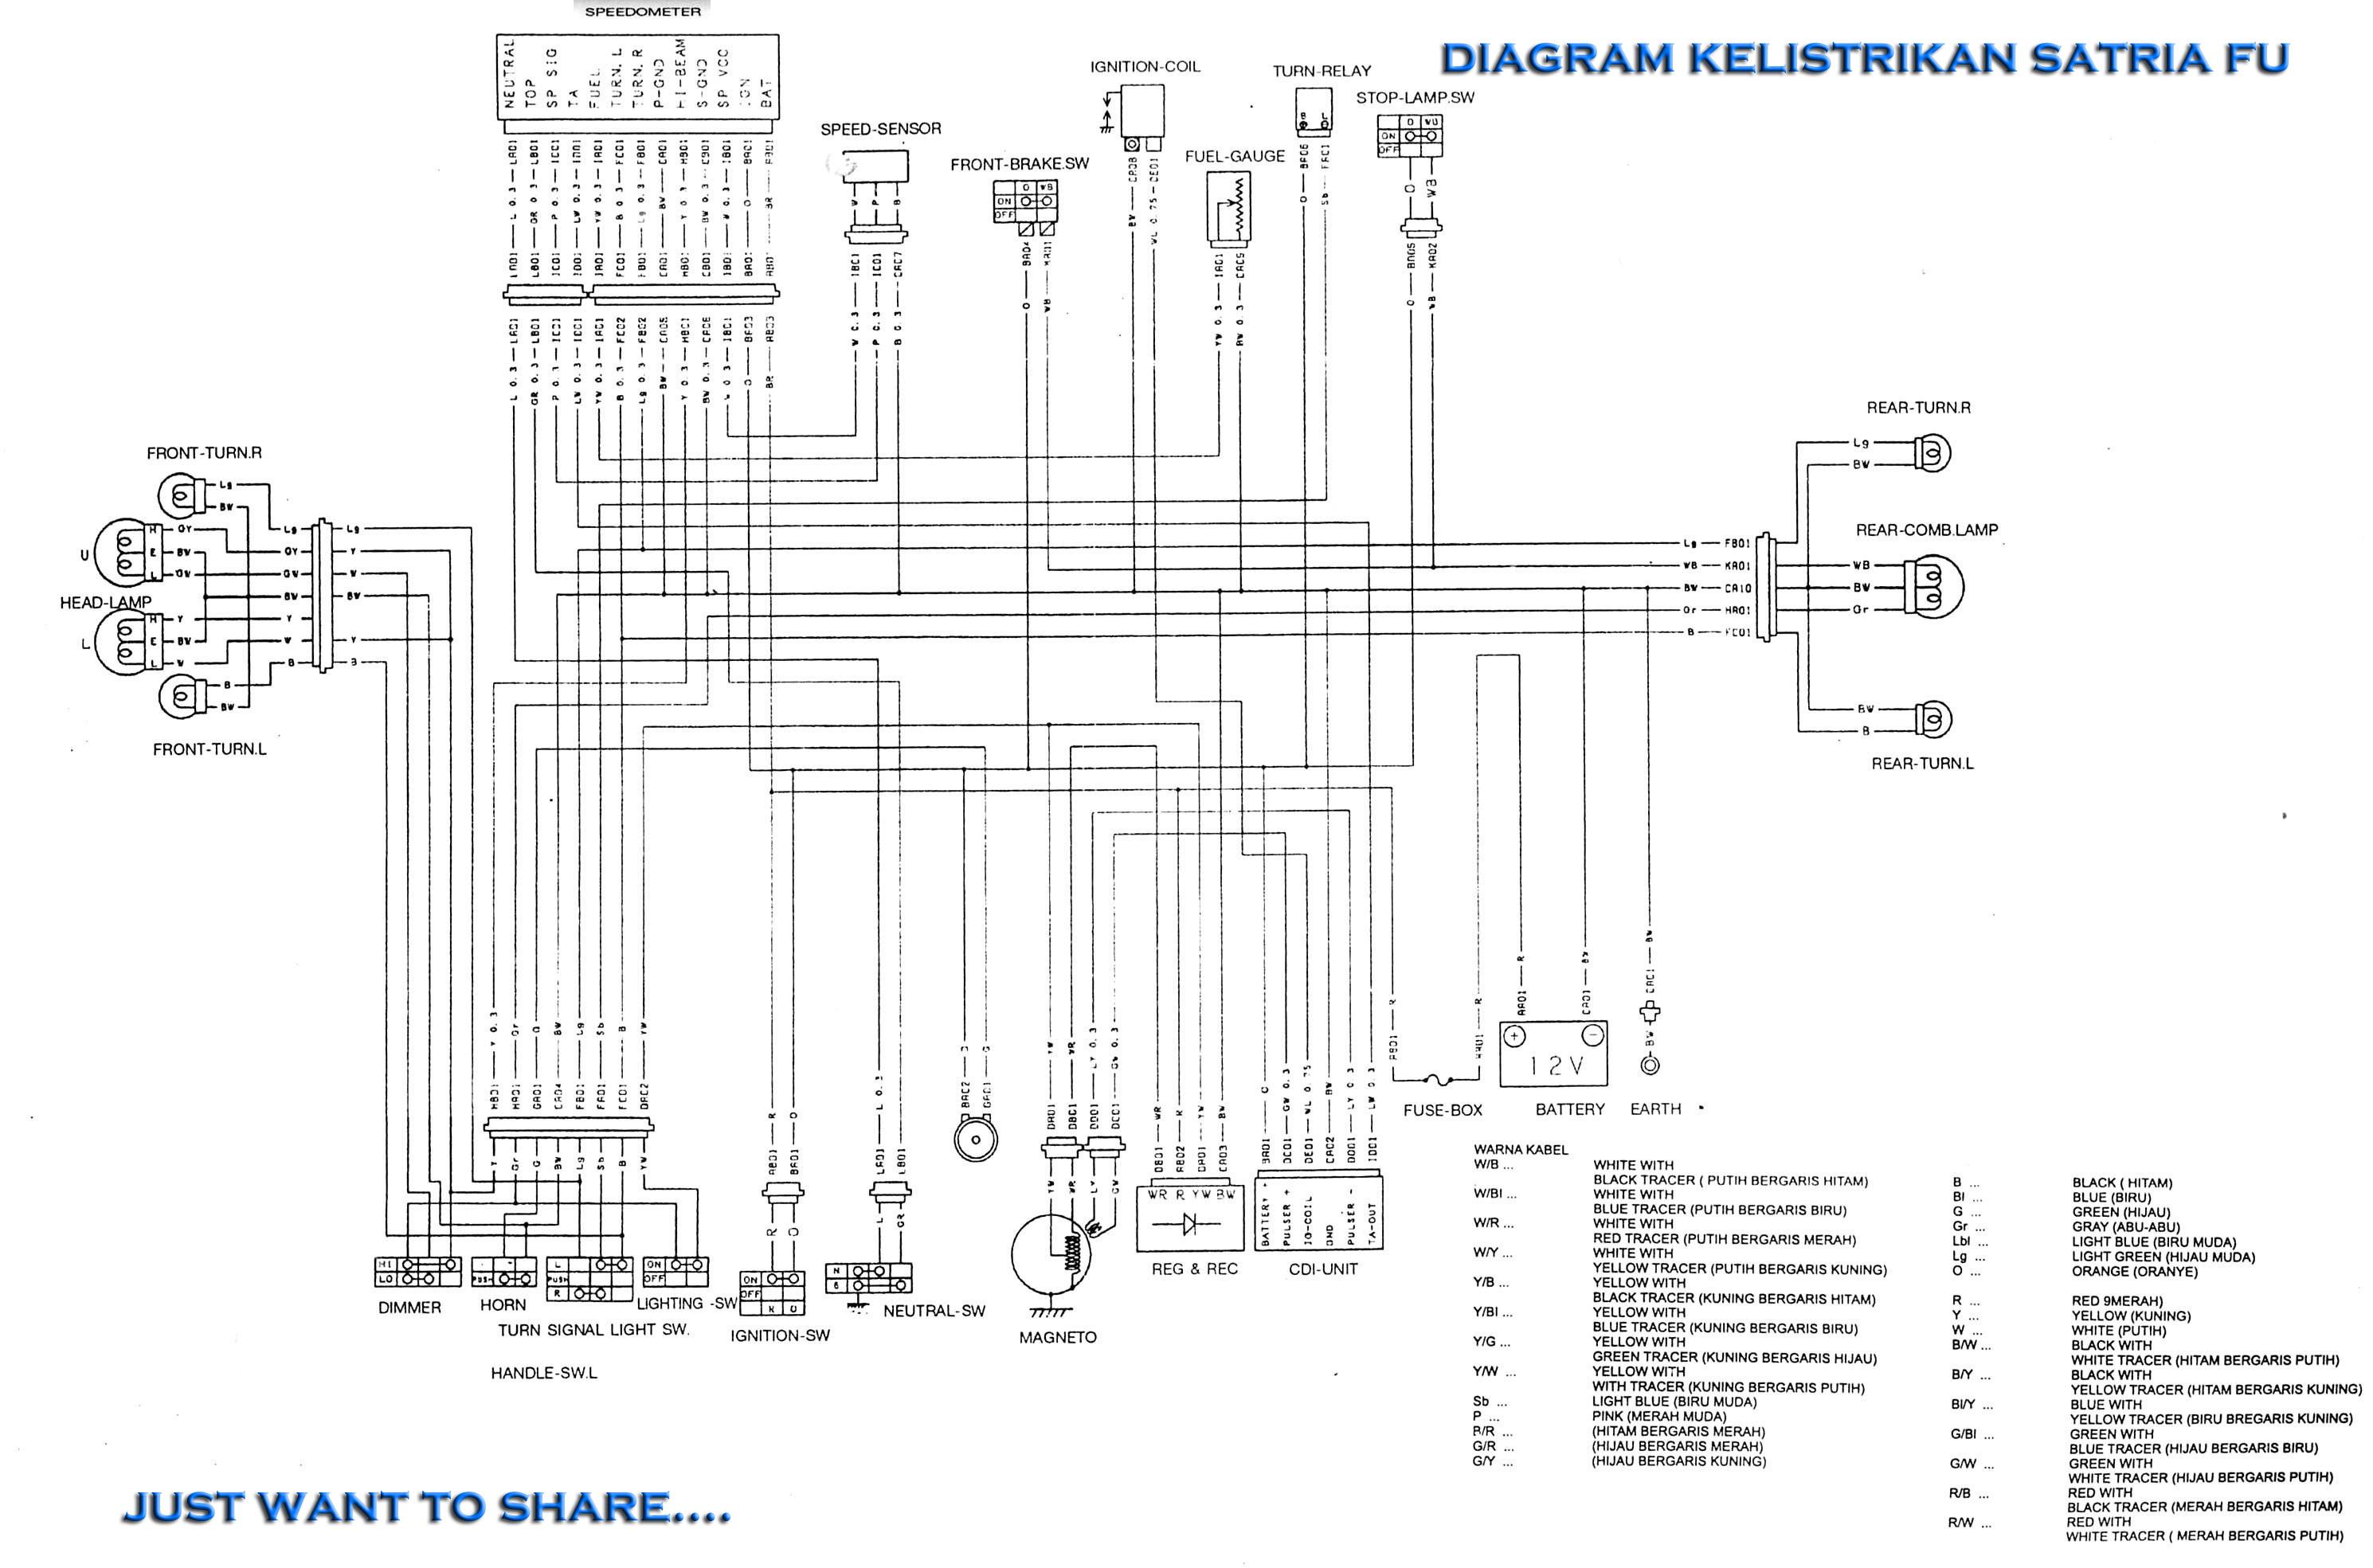 wiring diagram kelistrikan mobil panther